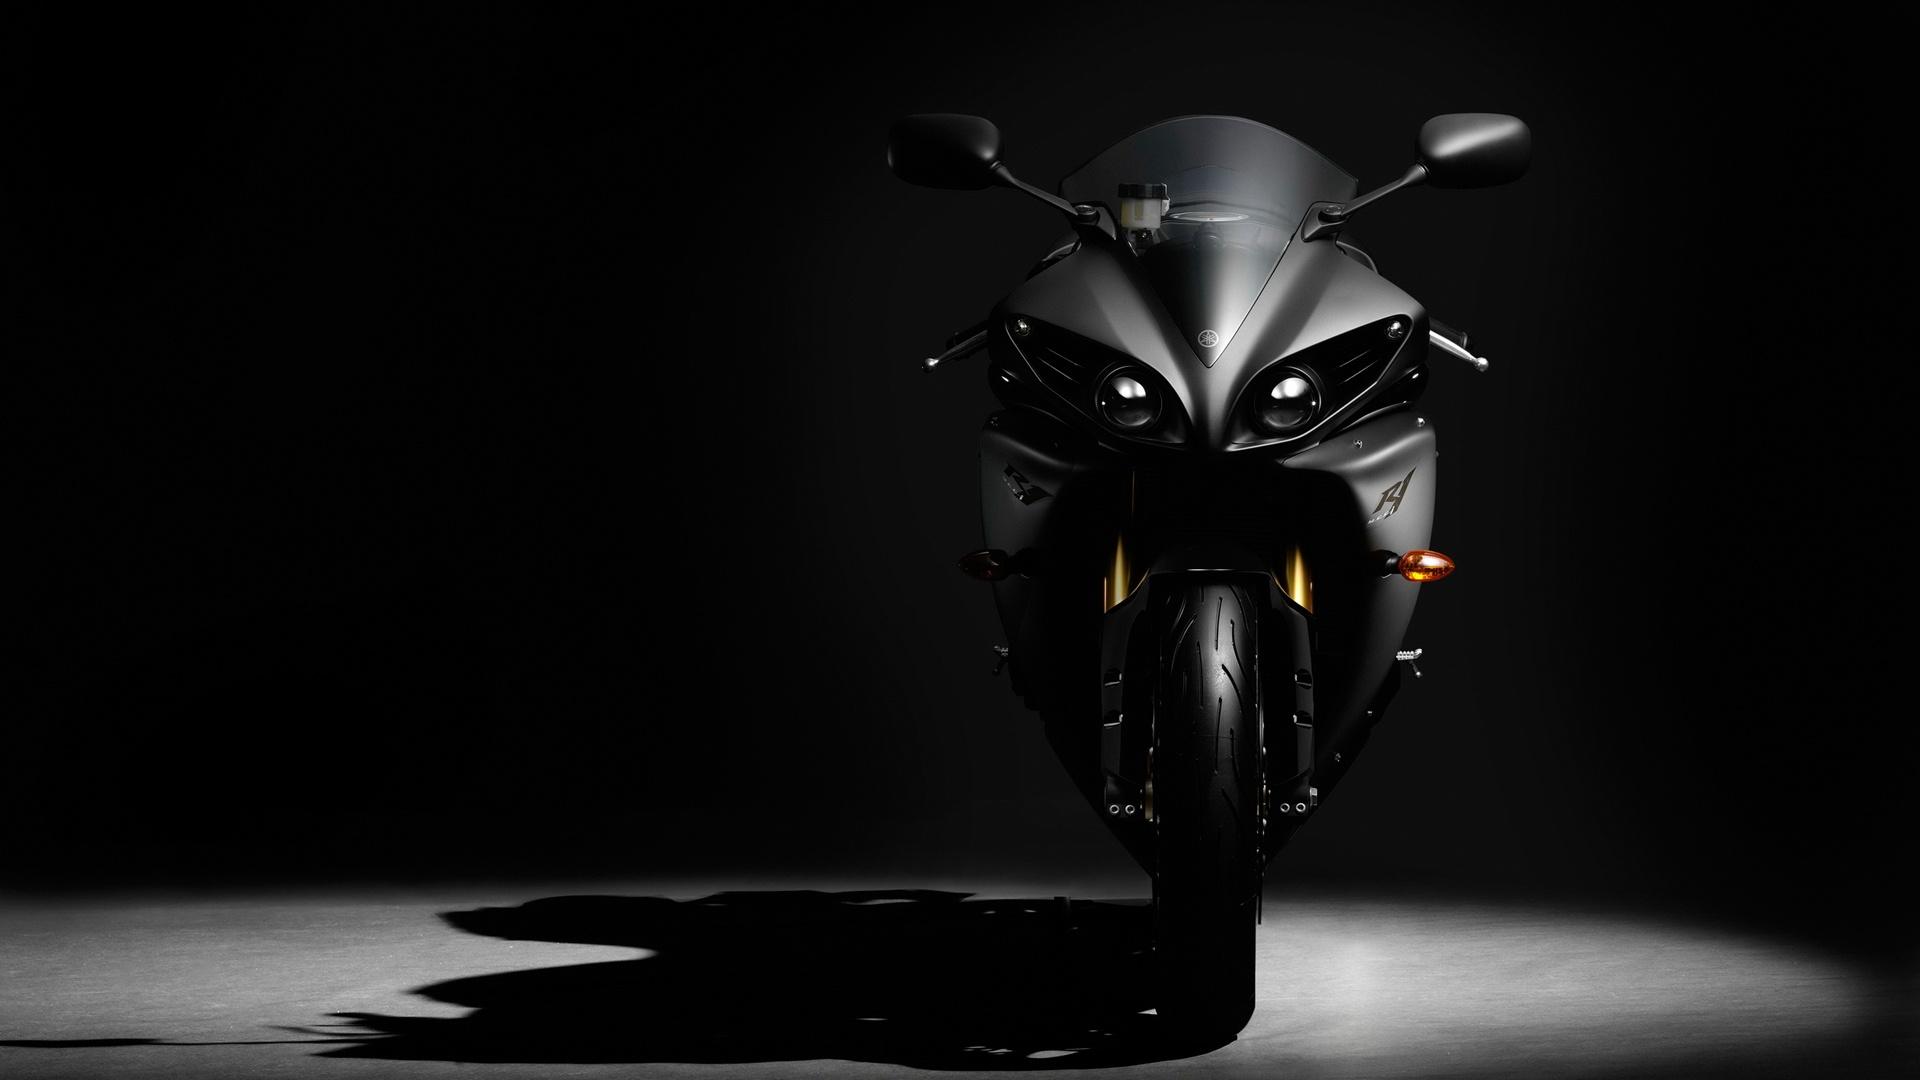 мотоциклы белый черный  № 23167 загрузить